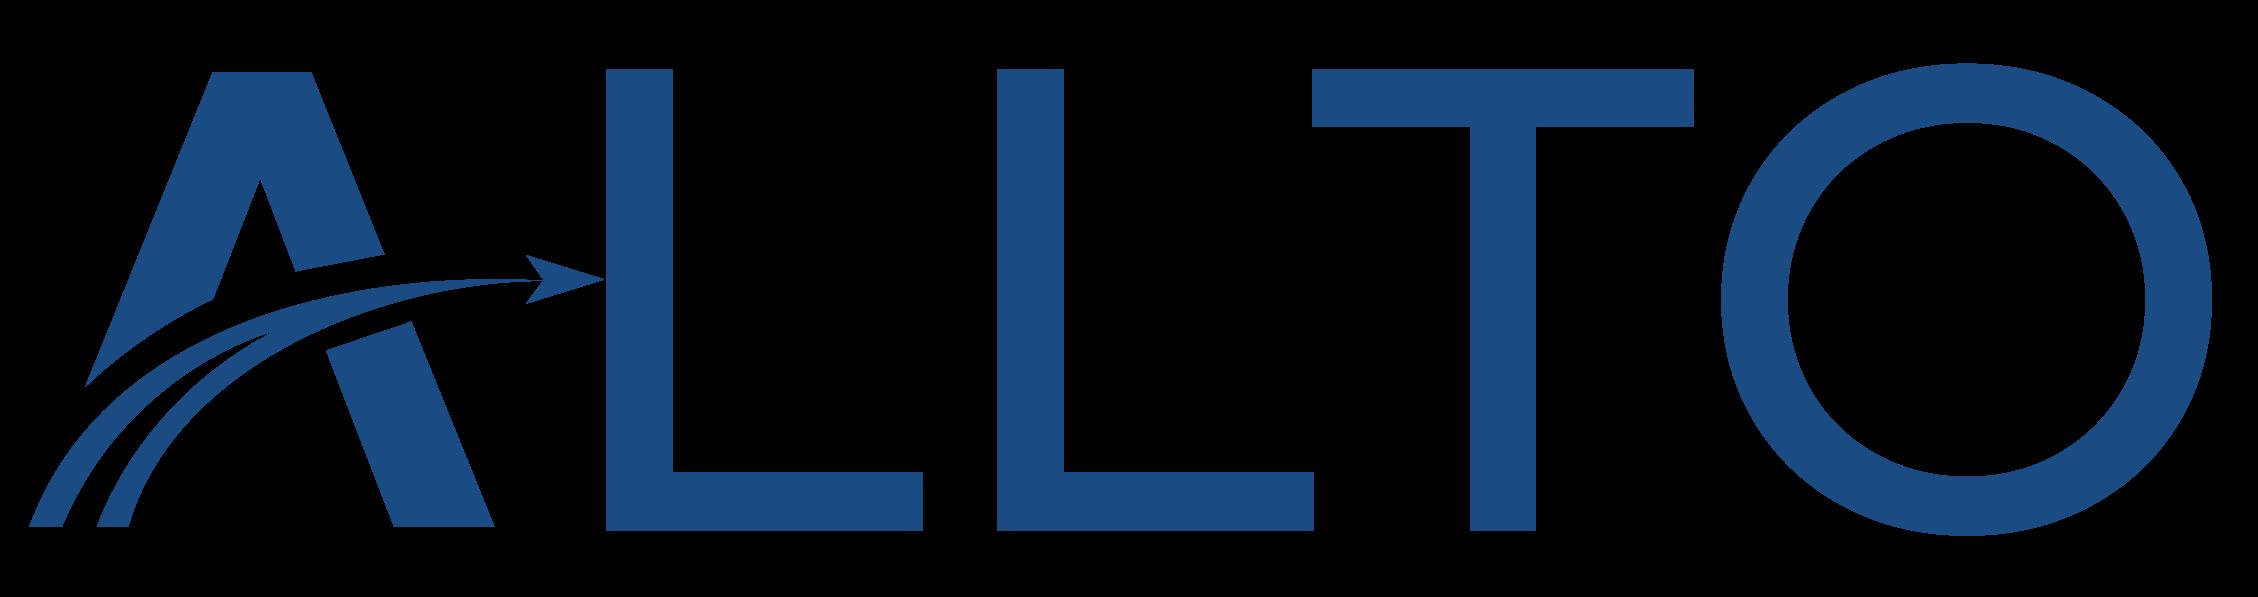 allplantools logo - allto software